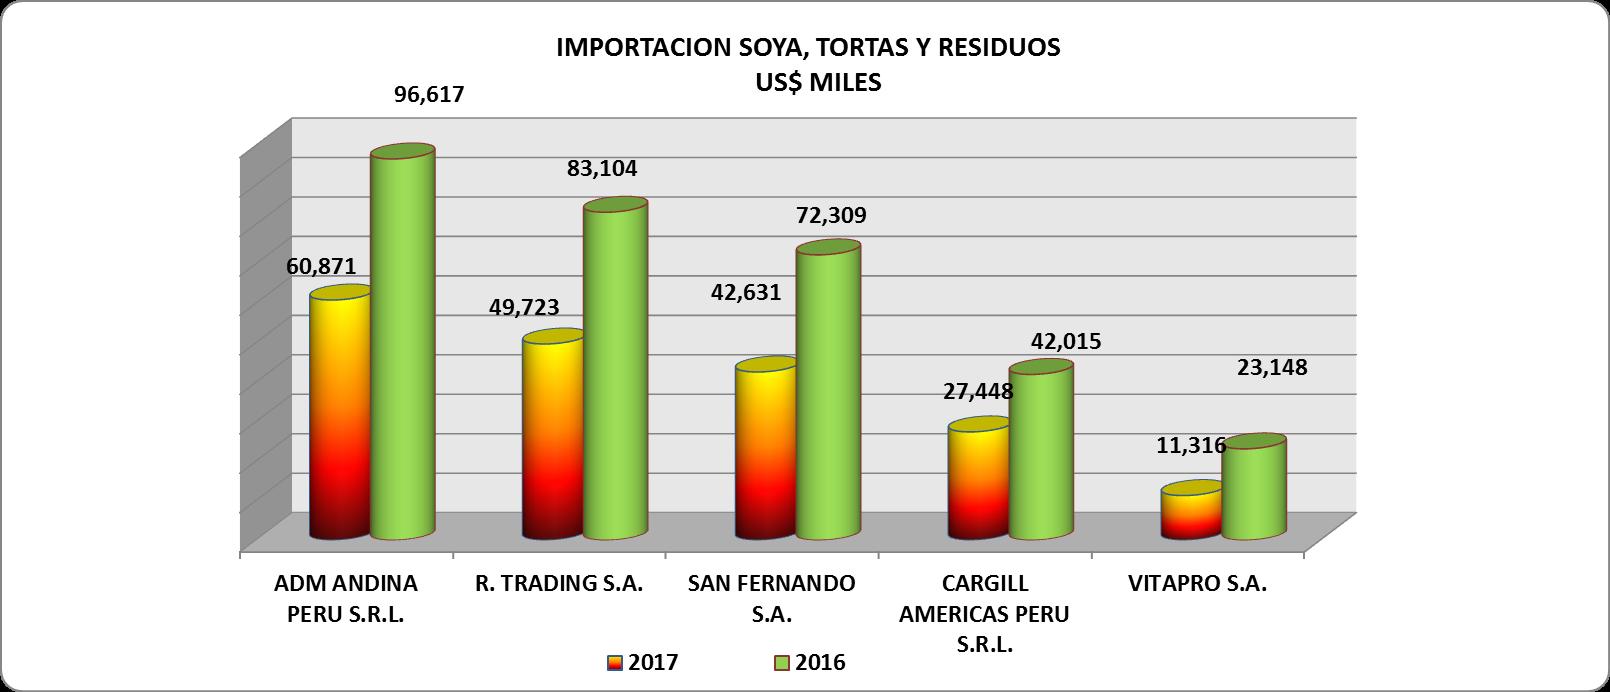 Soya Tortas Perú Importación 2017 Julio